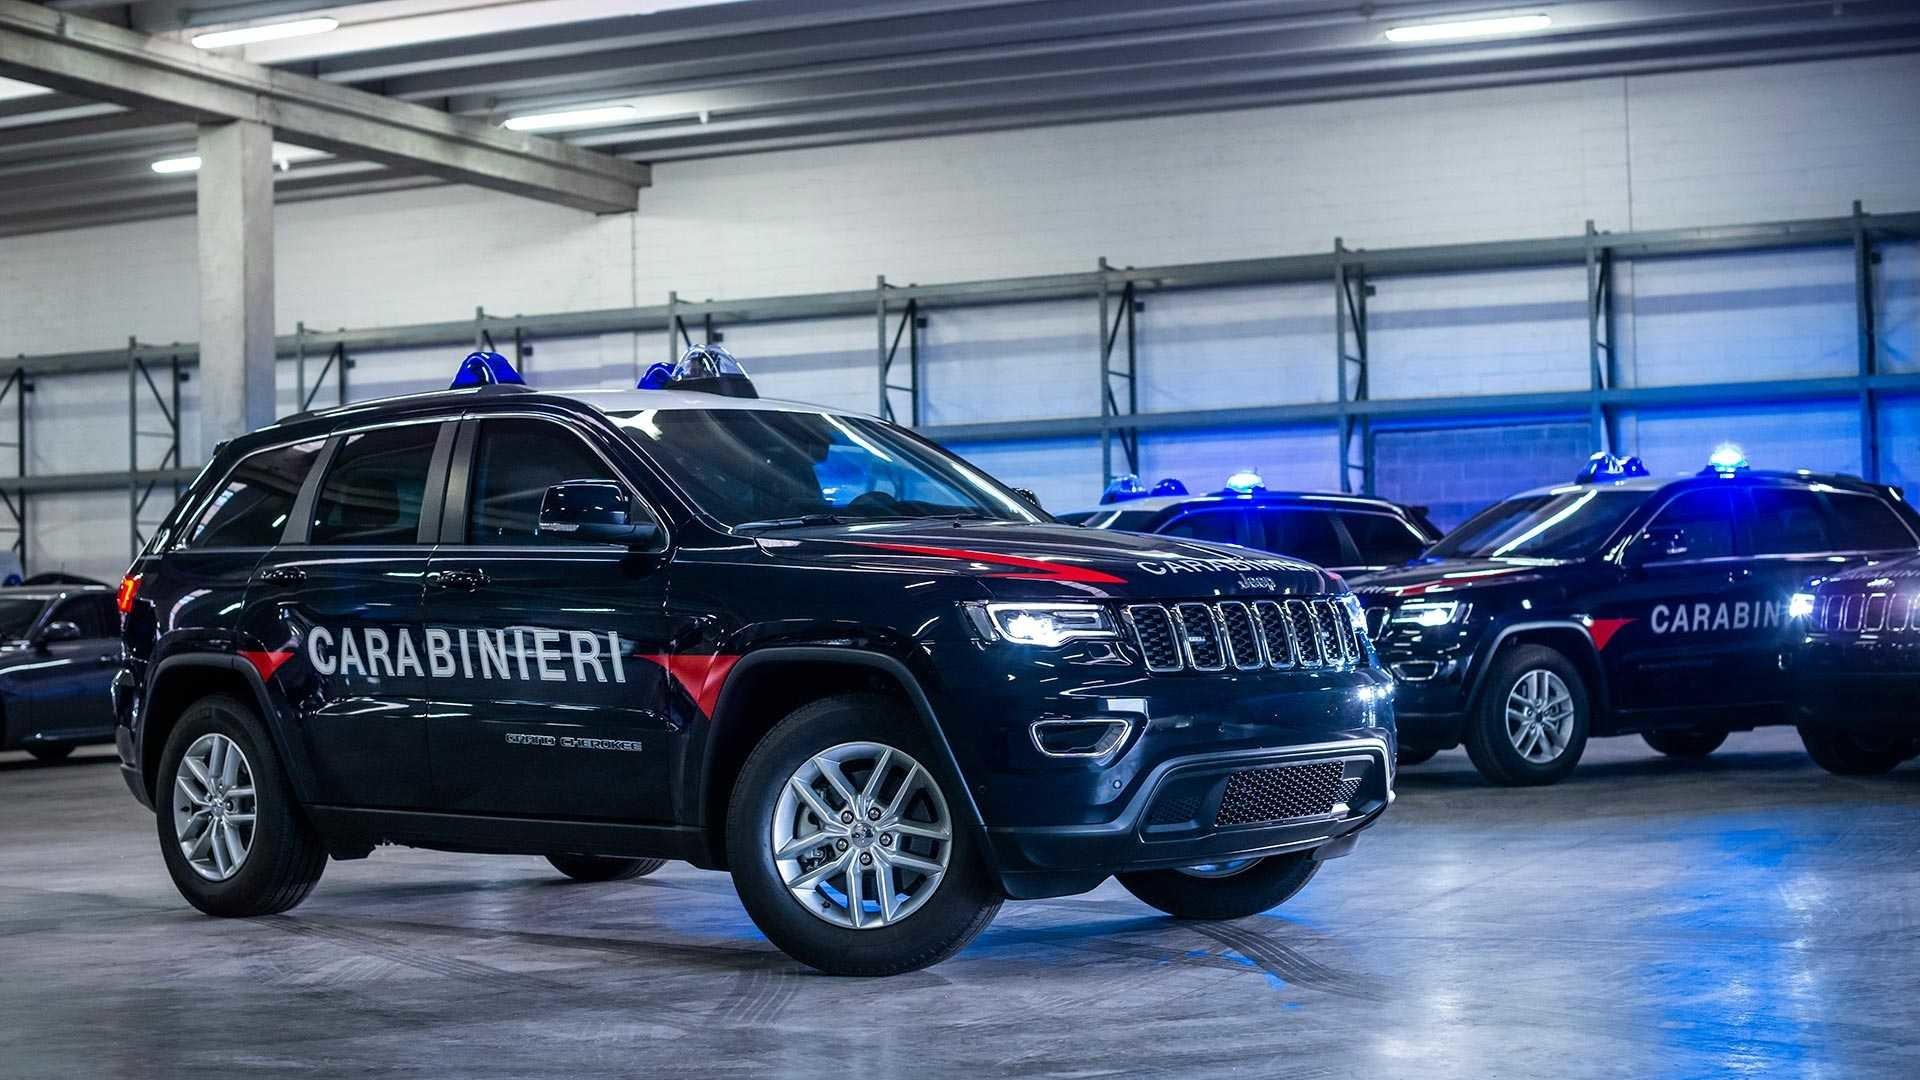 Foto de Jeep Grand Cherokee Carabinieri (11/15)